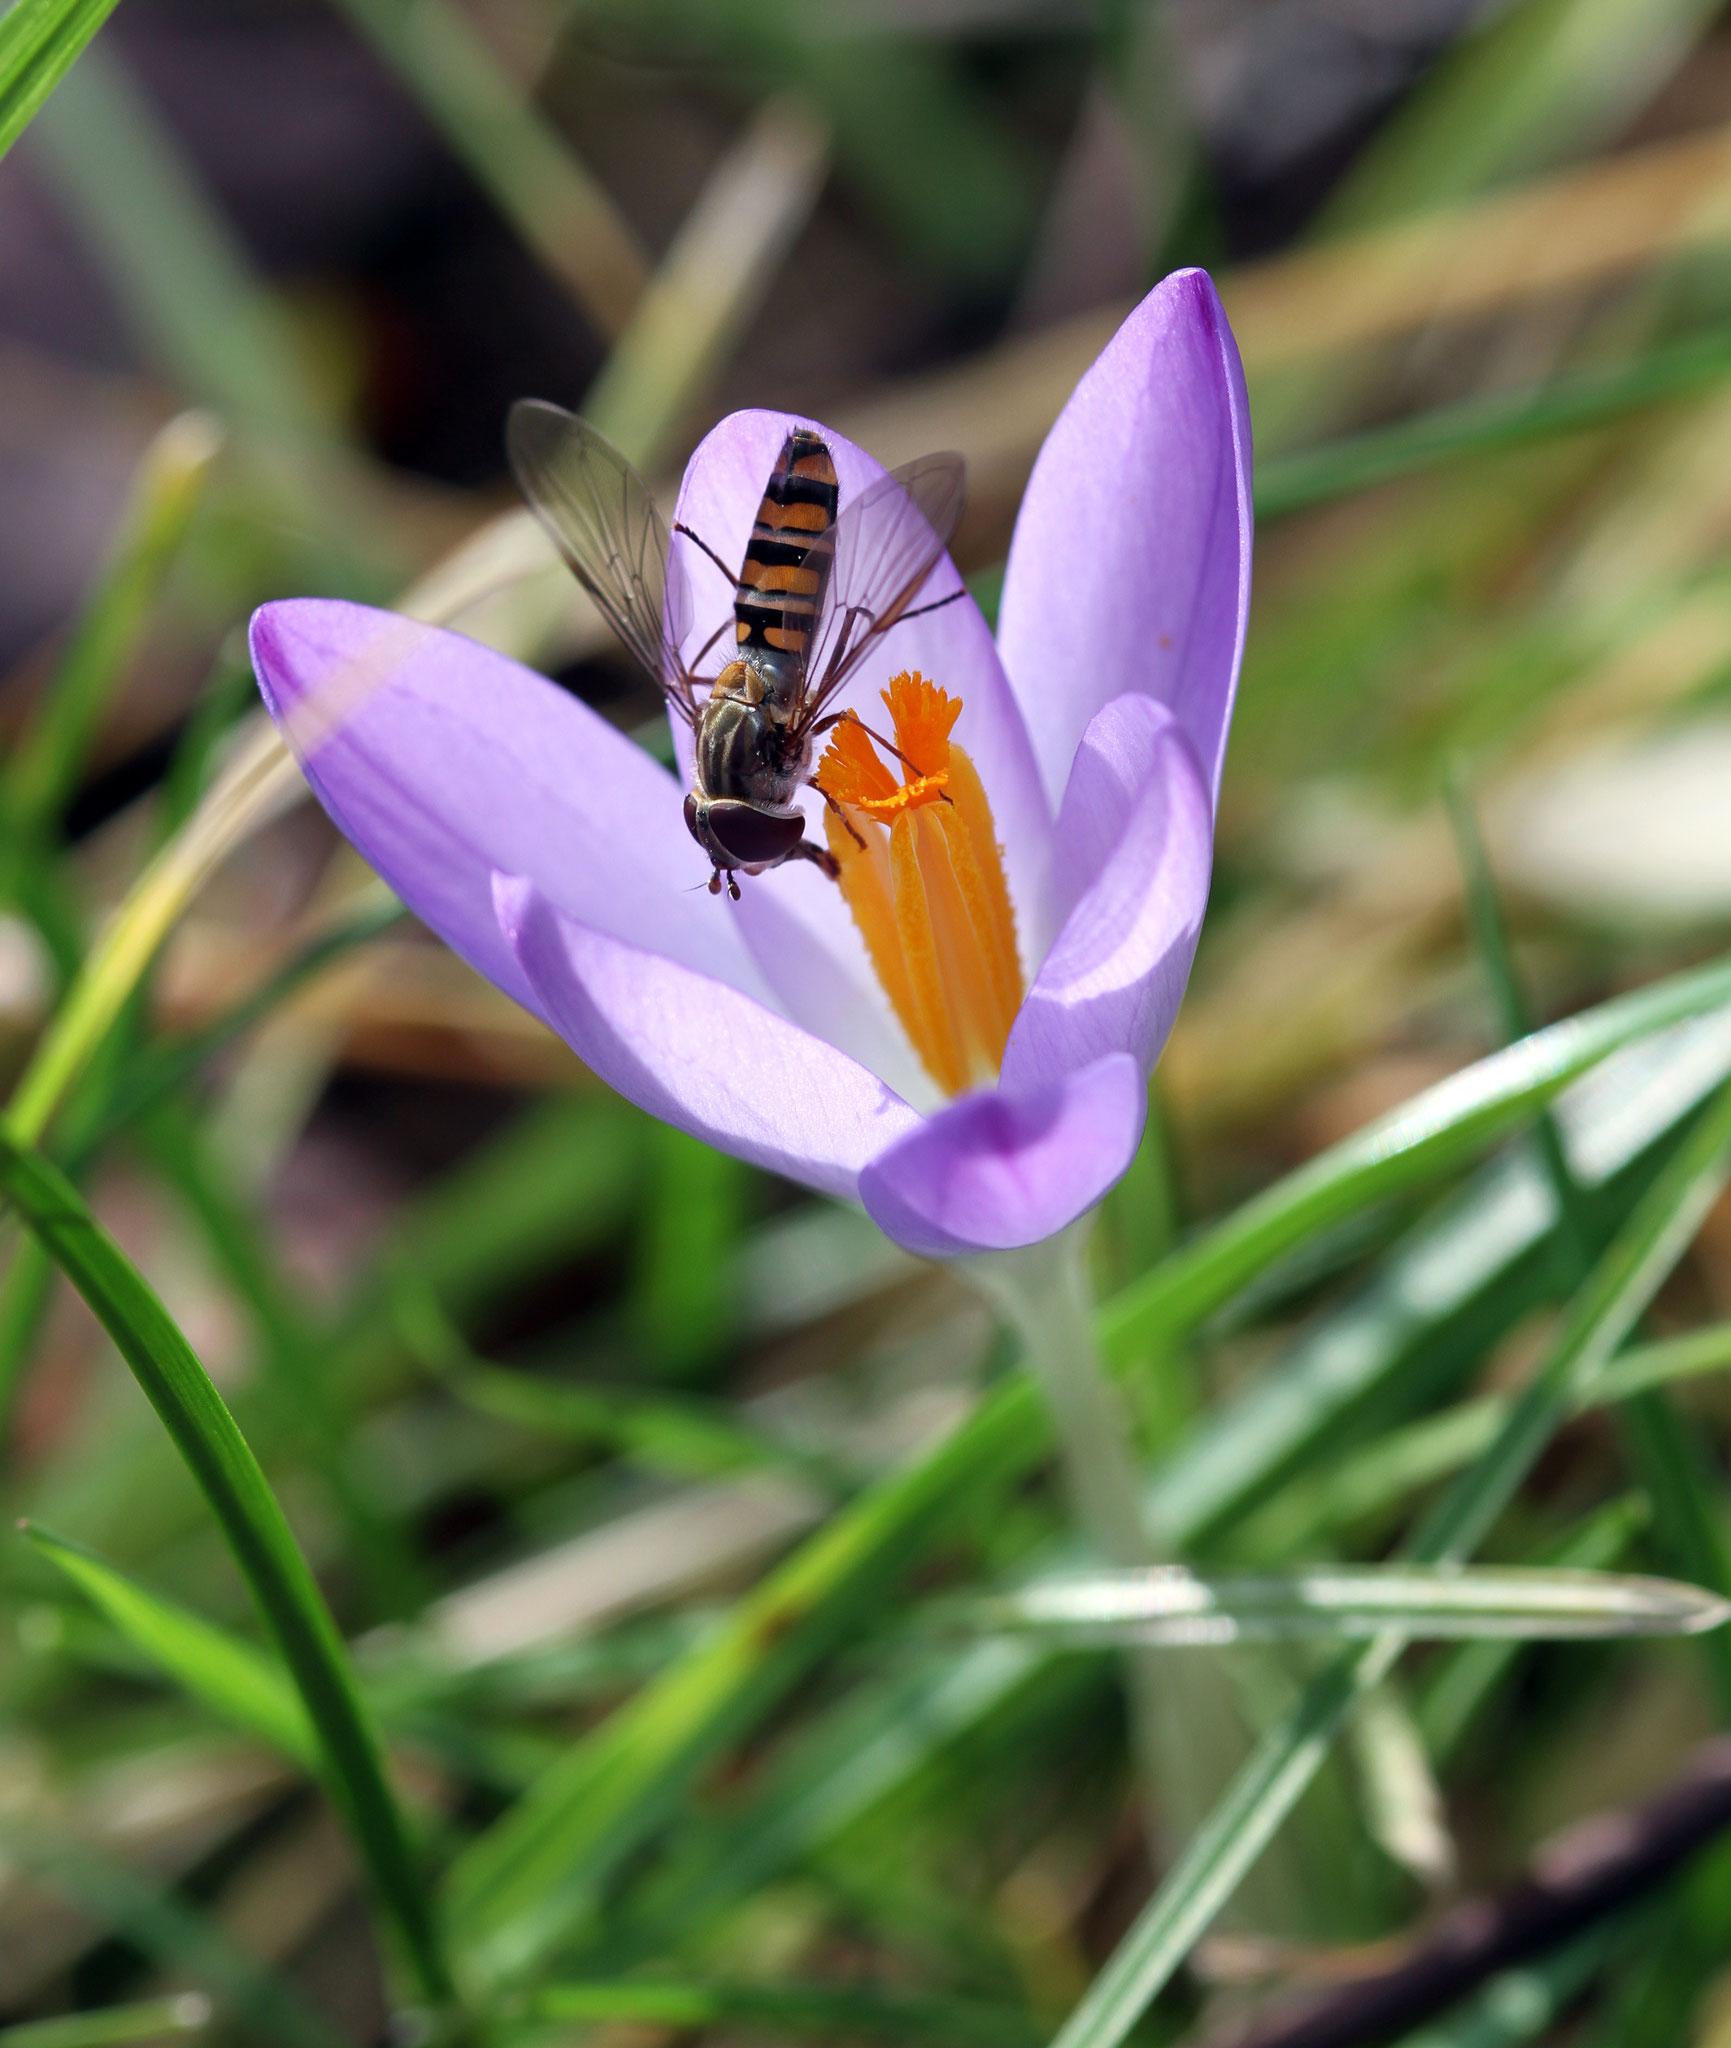 Schwebefliege auf Krokusblüte | Foto: W. Huni